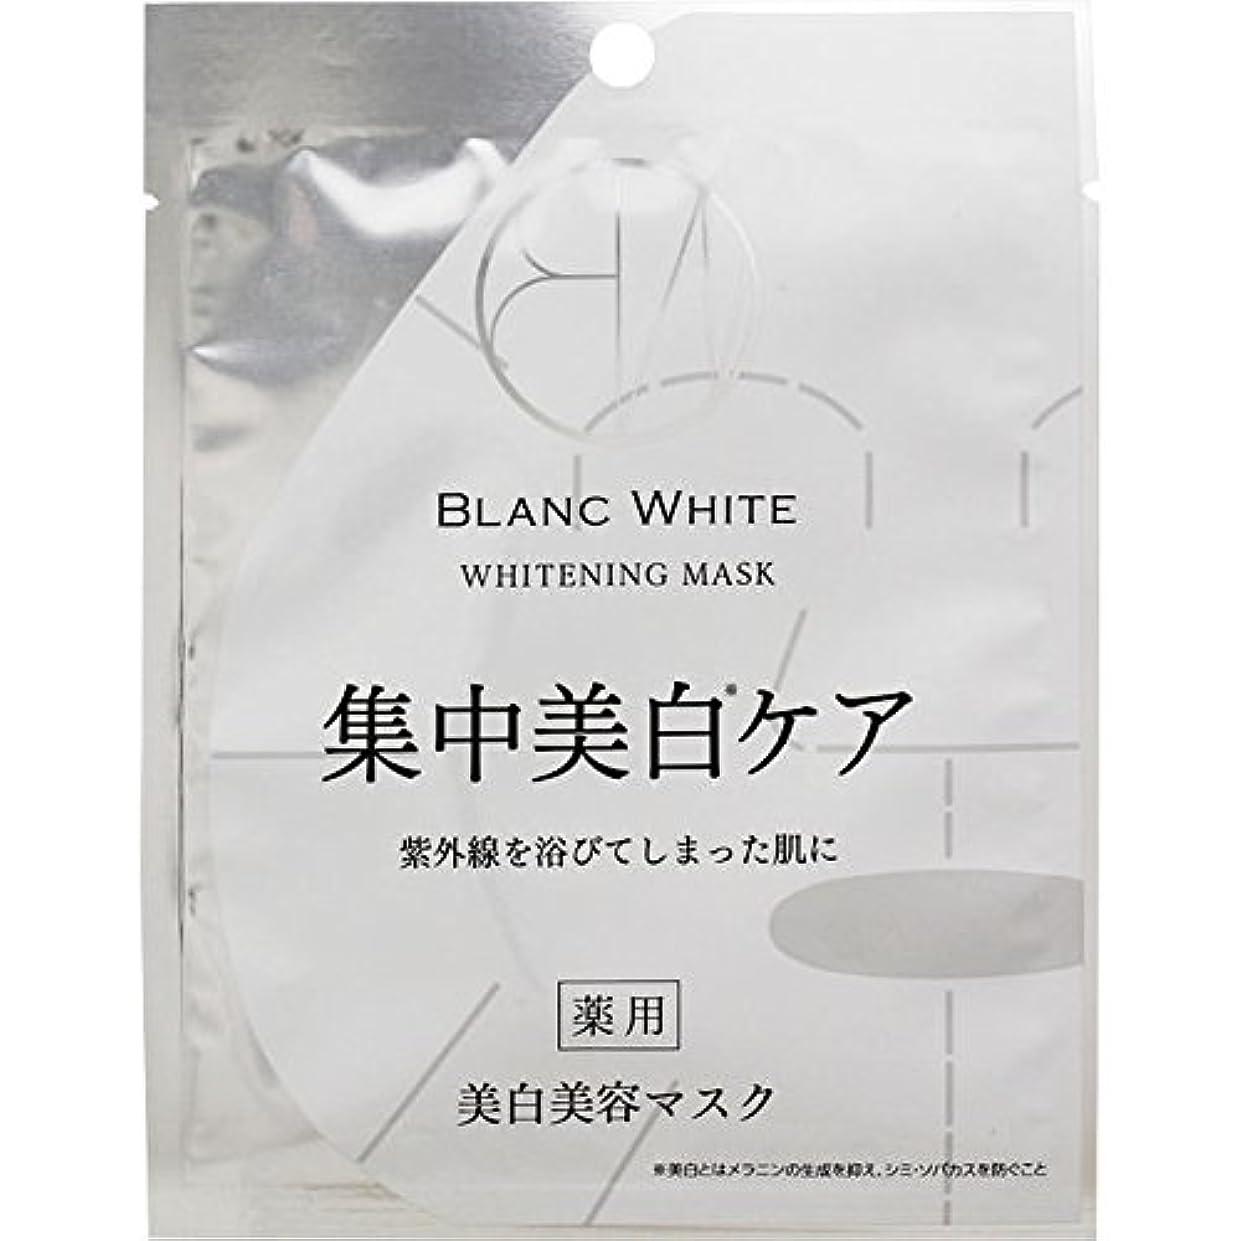 調和のとれた亜熱帯ビタミンブランホワイト ホワイトニングマスク 1枚【21ml】 (医薬部外品)